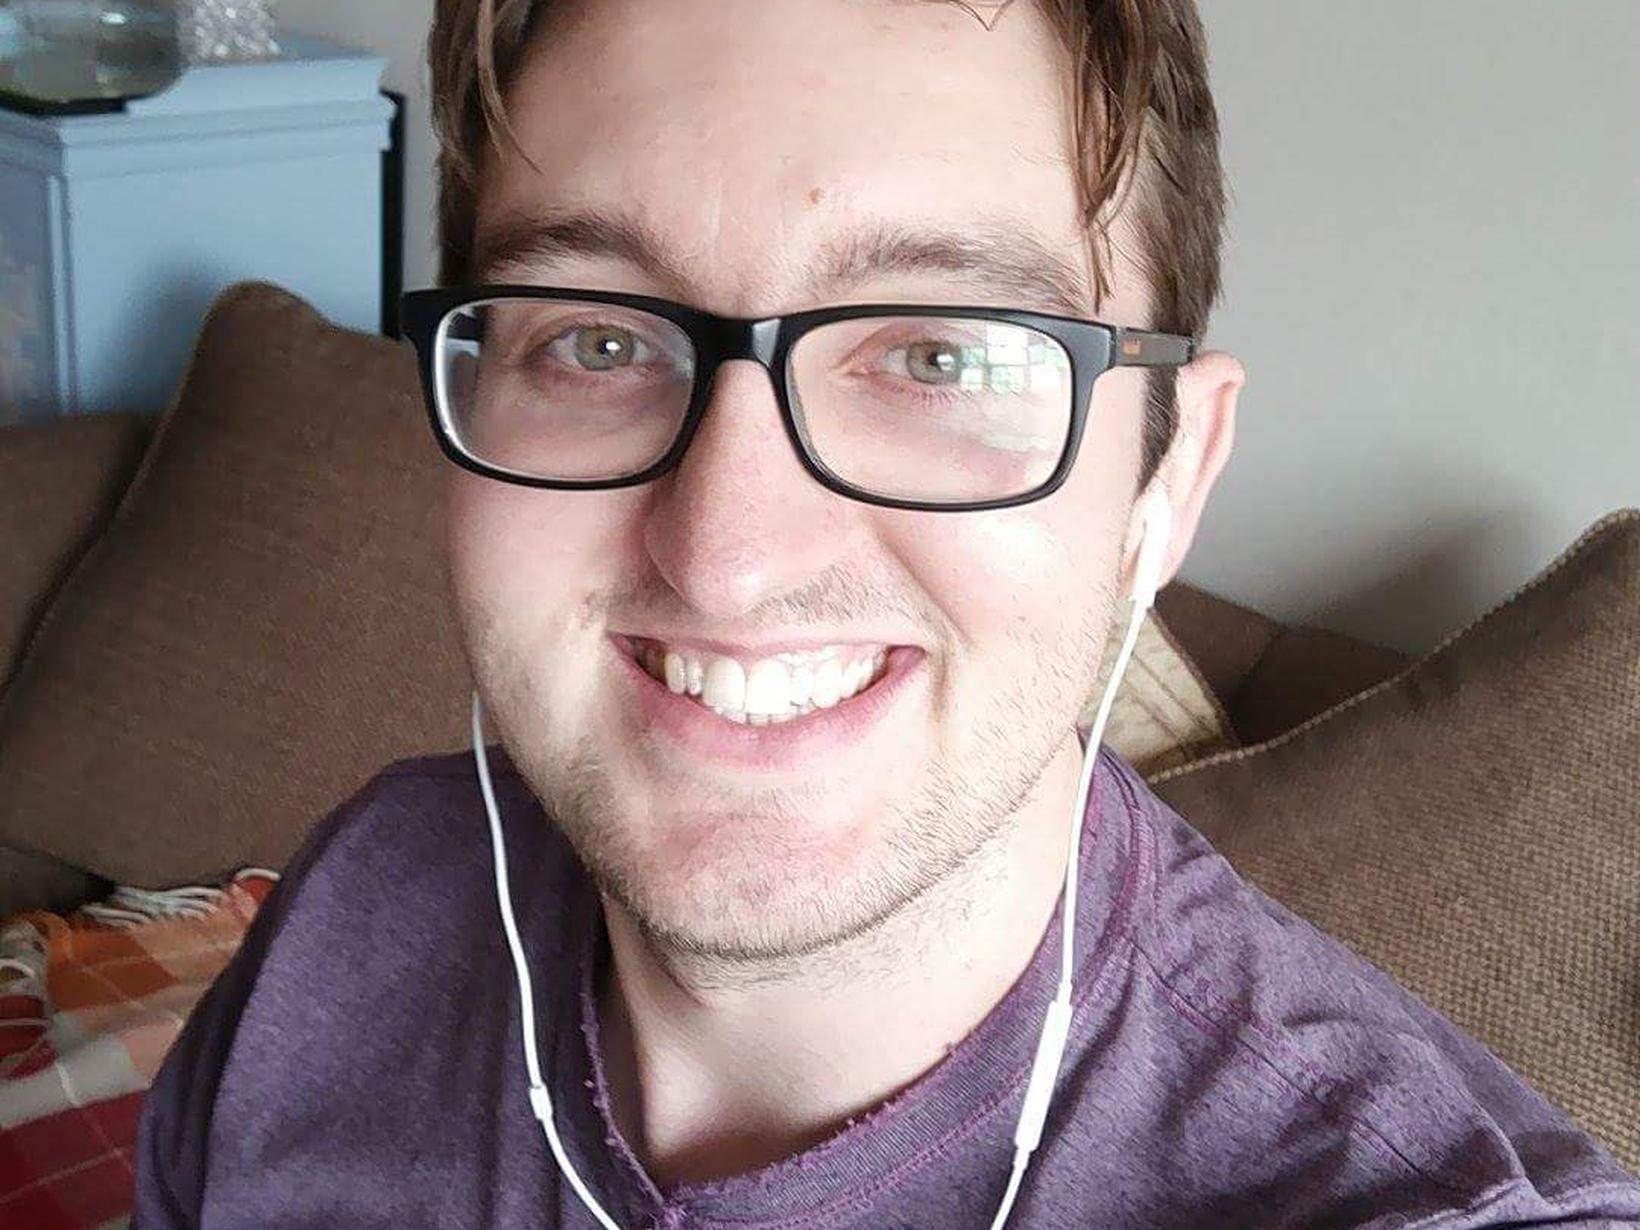 George from Stafford, United Kingdom